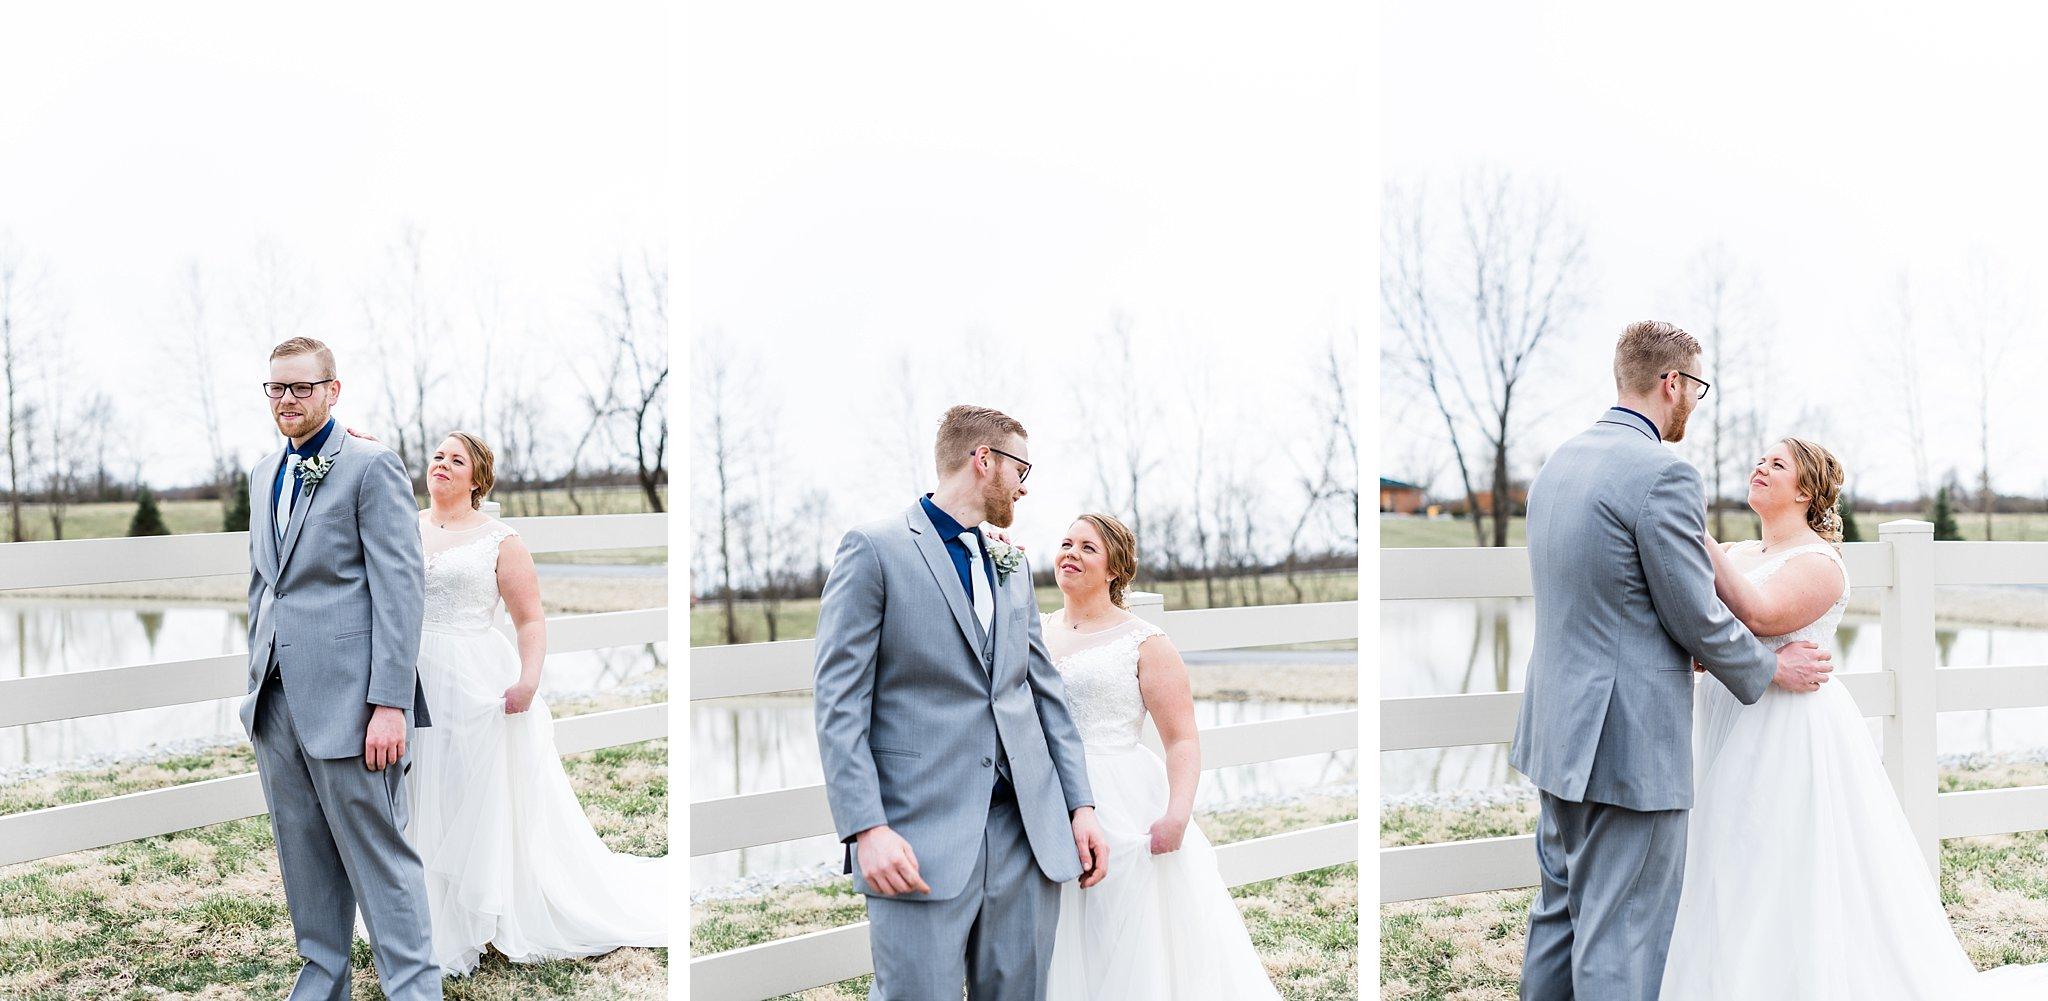 cincinnati wedding photographer58.jpg